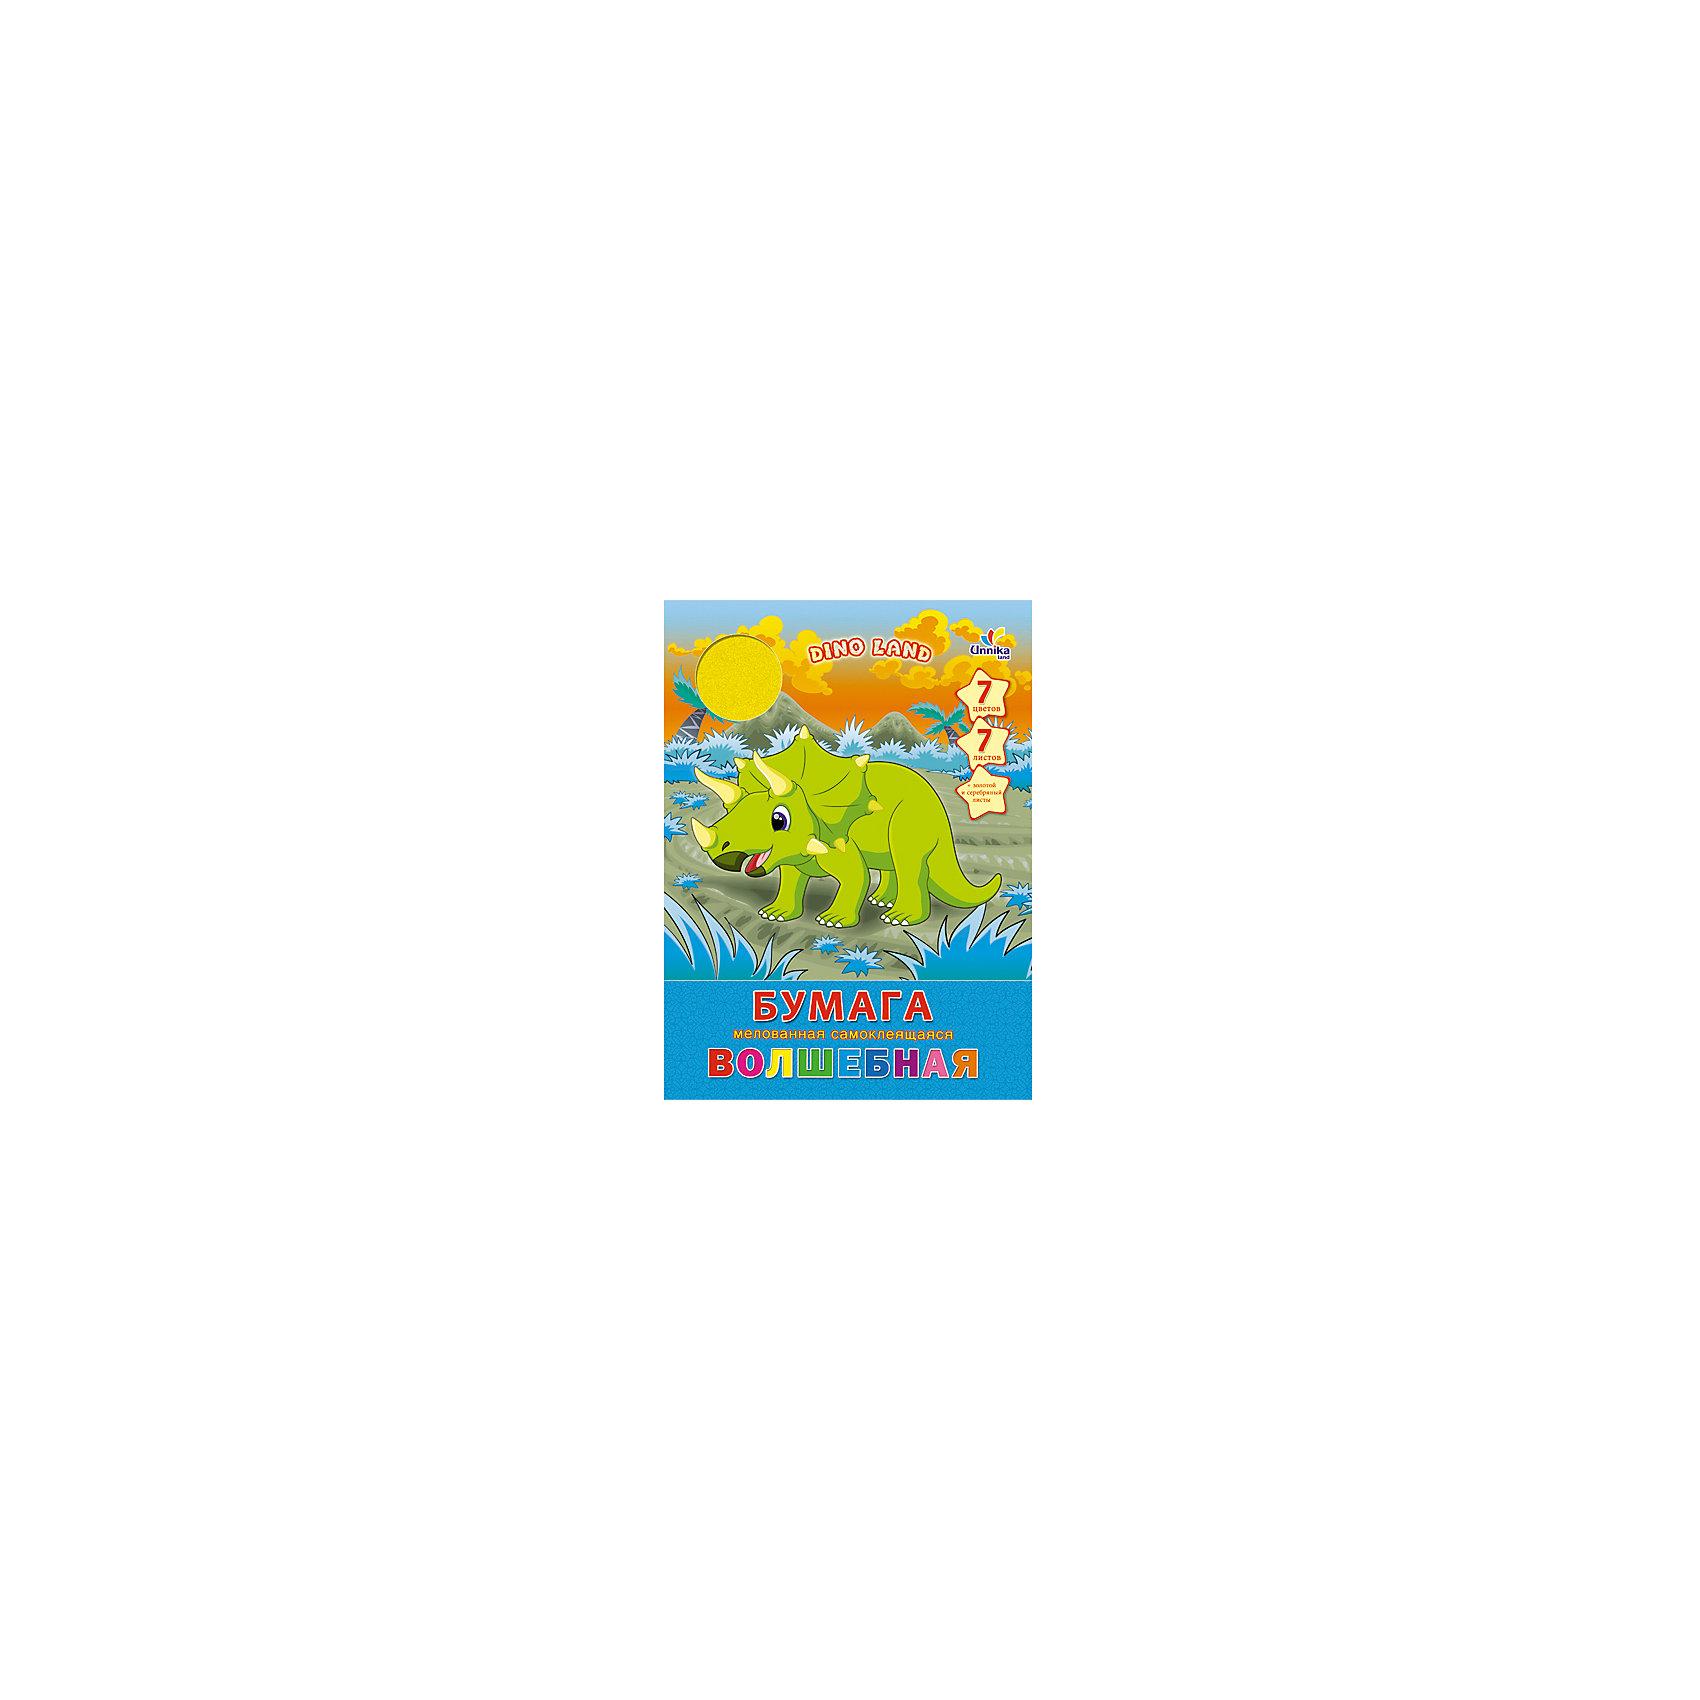 Волшебная самоклеящаяся мелованная бумага, 7листов, 7цветовБумажная продукция<br>Папка с волшебной самоклеящейся мелованной бумагой содержит 7 листов различных цветов, включая серебряный и золотой. Из этой бумаги несомненно получатся шикарные аппликации и поделки, которыми ребенок сможет гордиться!<br><br>Дополнительная информация:<br>Обложка: картон<br>Количество листов: 7(разноцветные)<br>Формат: А4<br>Самоклеящуюся мелованную бумагу вы можете приобрести в нашем интернет-магазине.<br><br>Ширина мм: 280<br>Глубина мм: 200<br>Высота мм: 6<br>Вес г: 113<br>Возраст от месяцев: 72<br>Возраст до месяцев: 2147483647<br>Пол: Унисекс<br>Возраст: Детский<br>SKU: 4942479